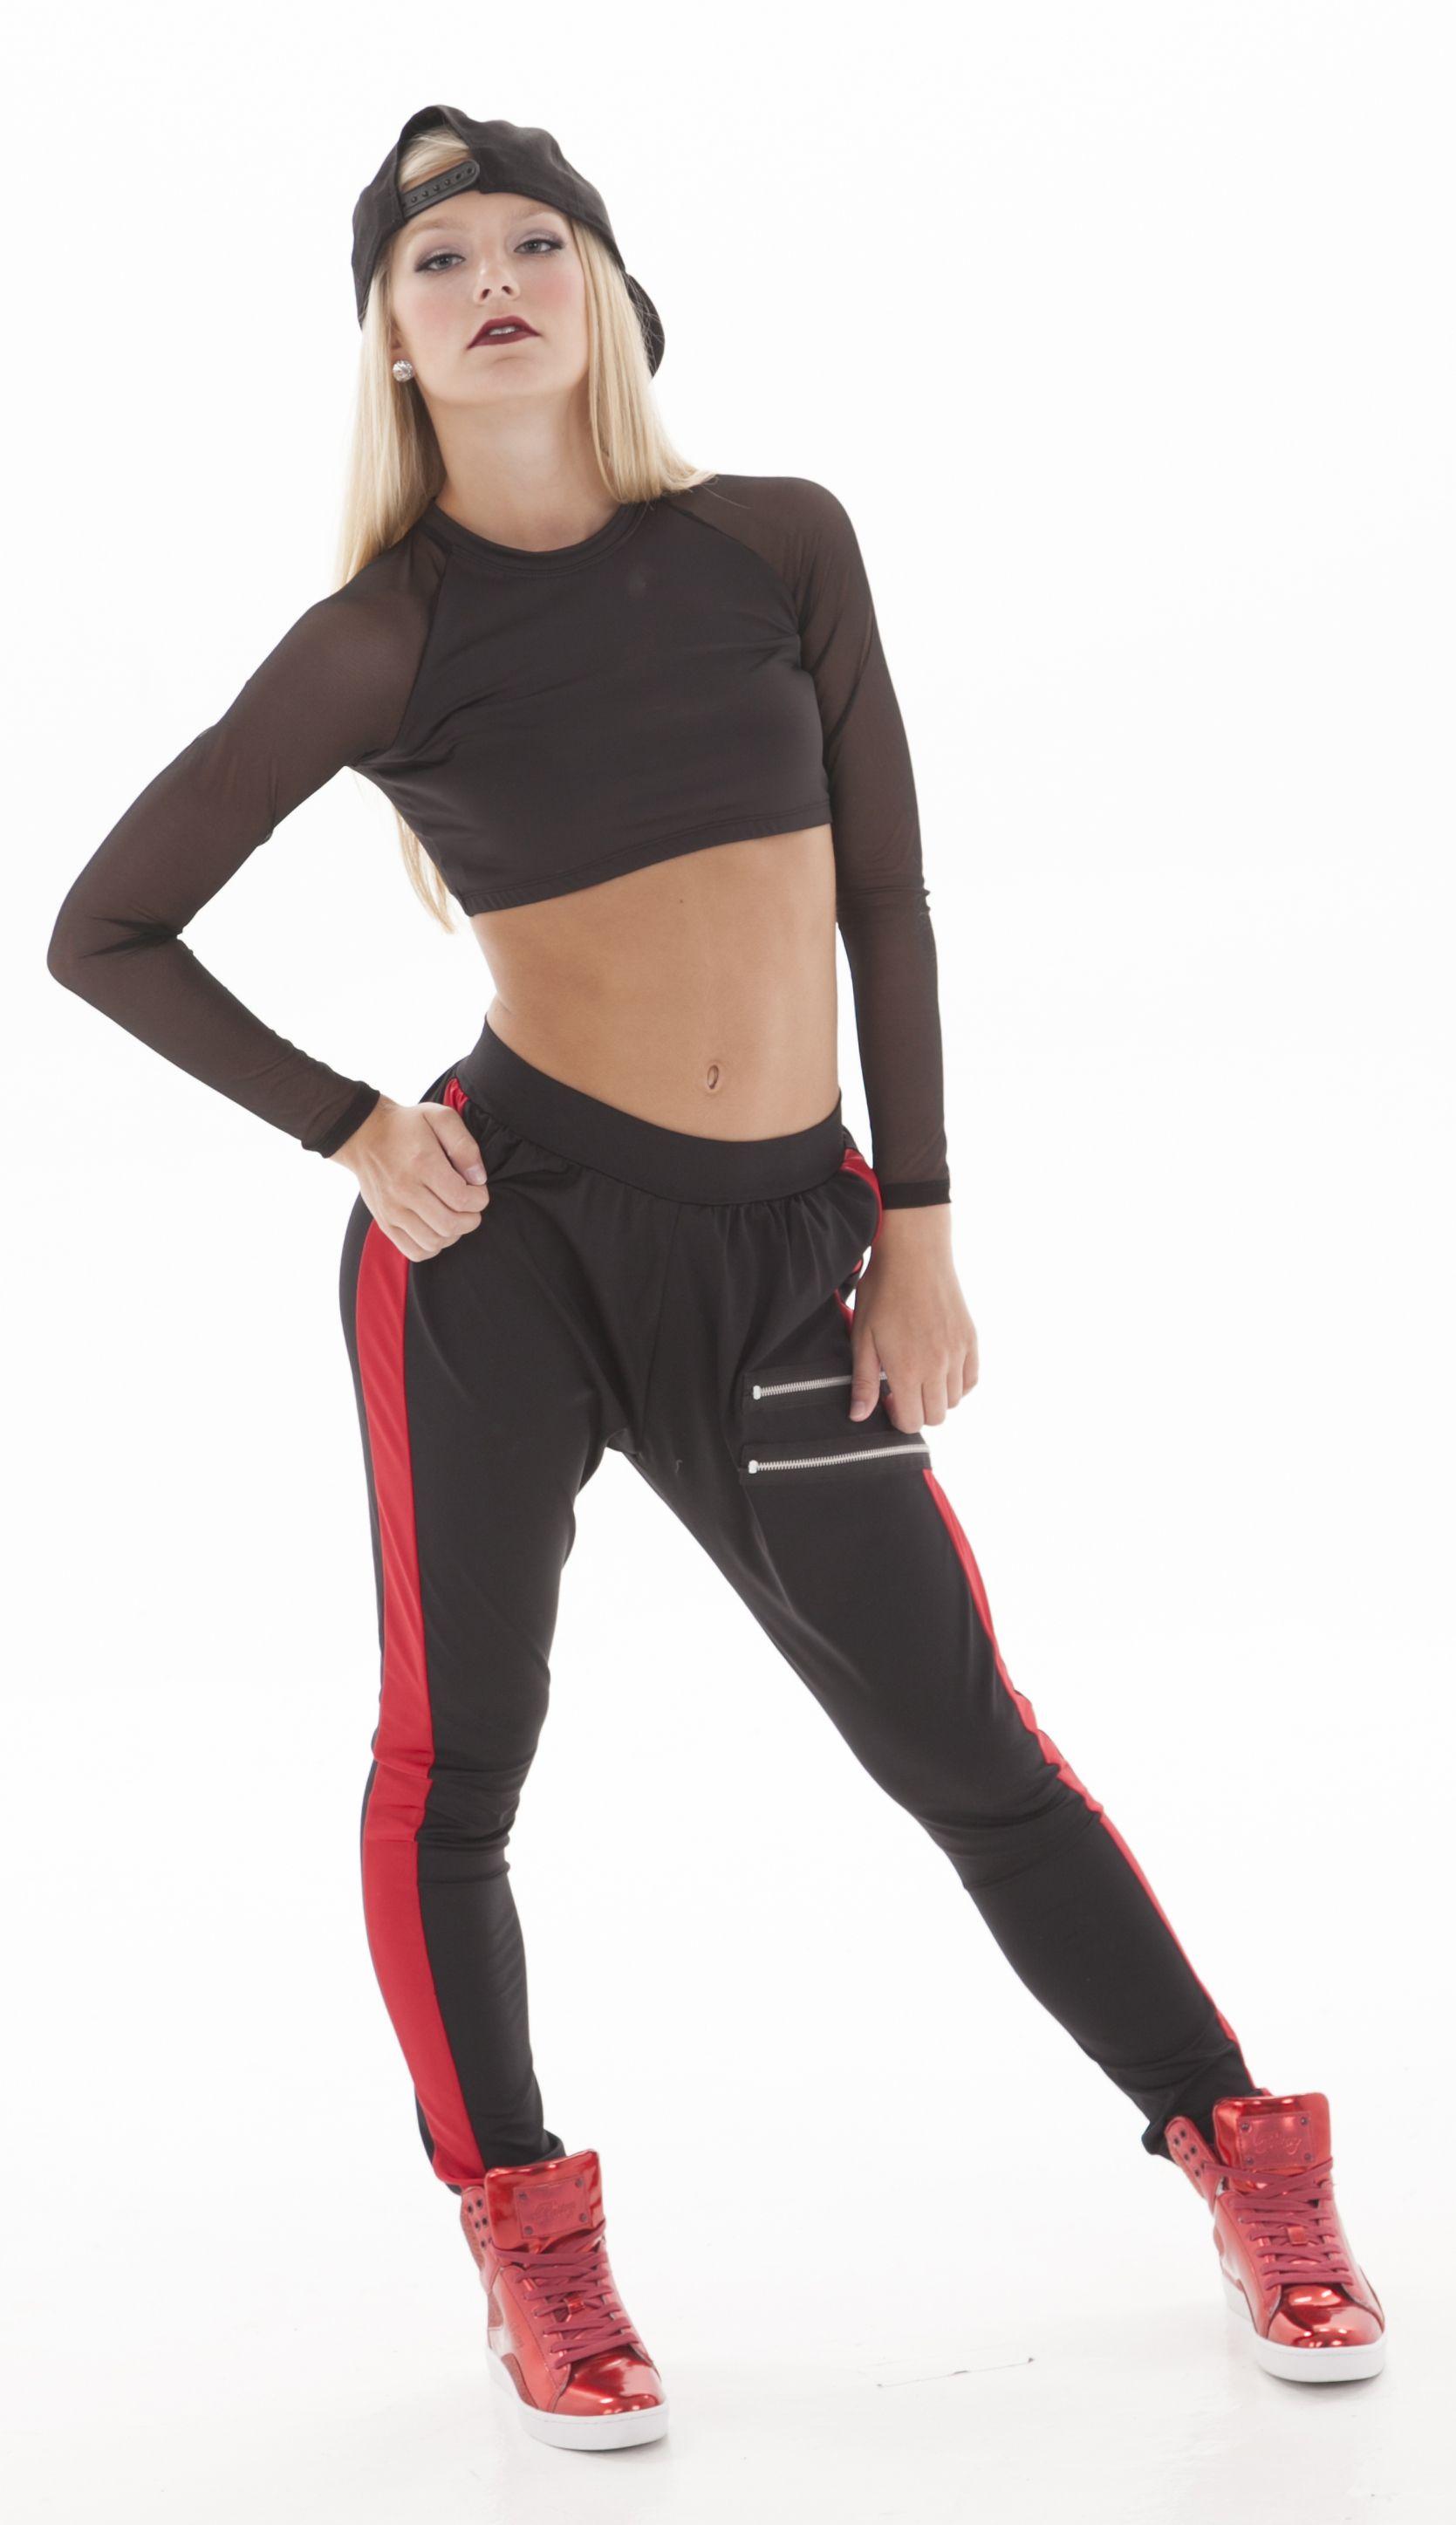 12c7a68681de7 Moda Hip Hop · Moda Urbana · Uniformes De Baile · Poses De Danza · haydynn  17. Baile